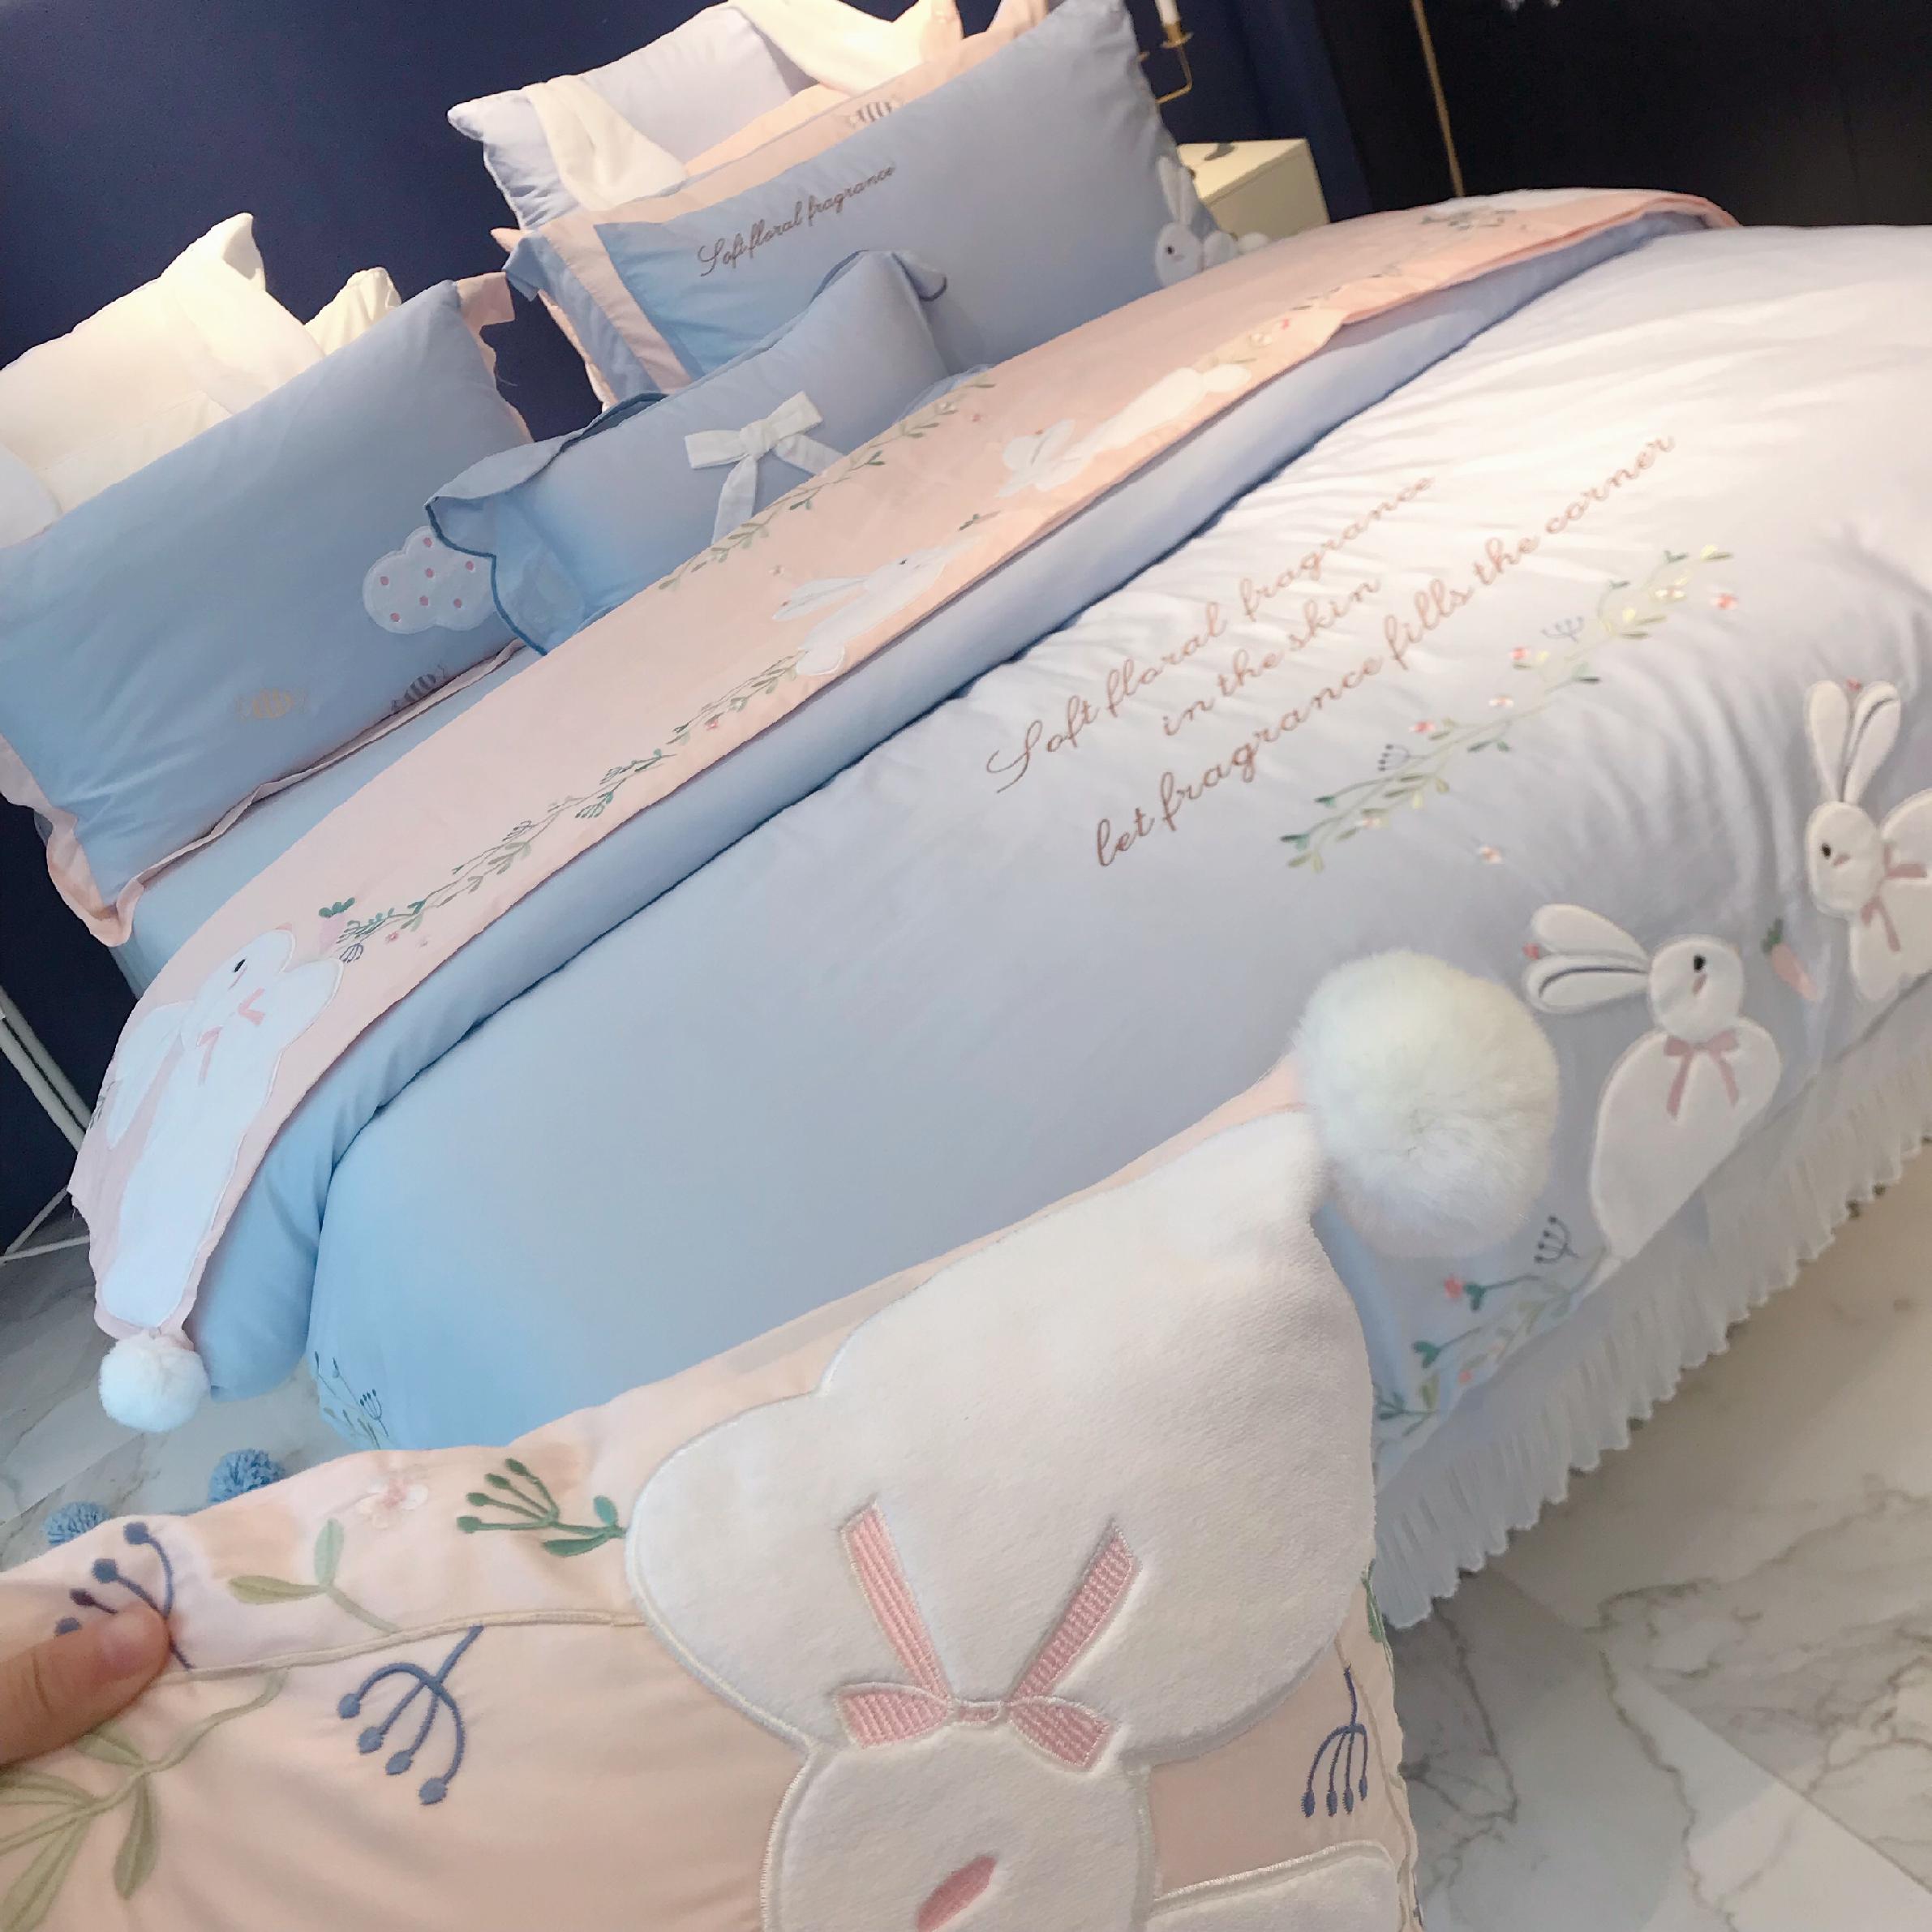 支長絨棉刺繡四件套可愛兔子卡通全棉床單純棉被套少女心公主風 60